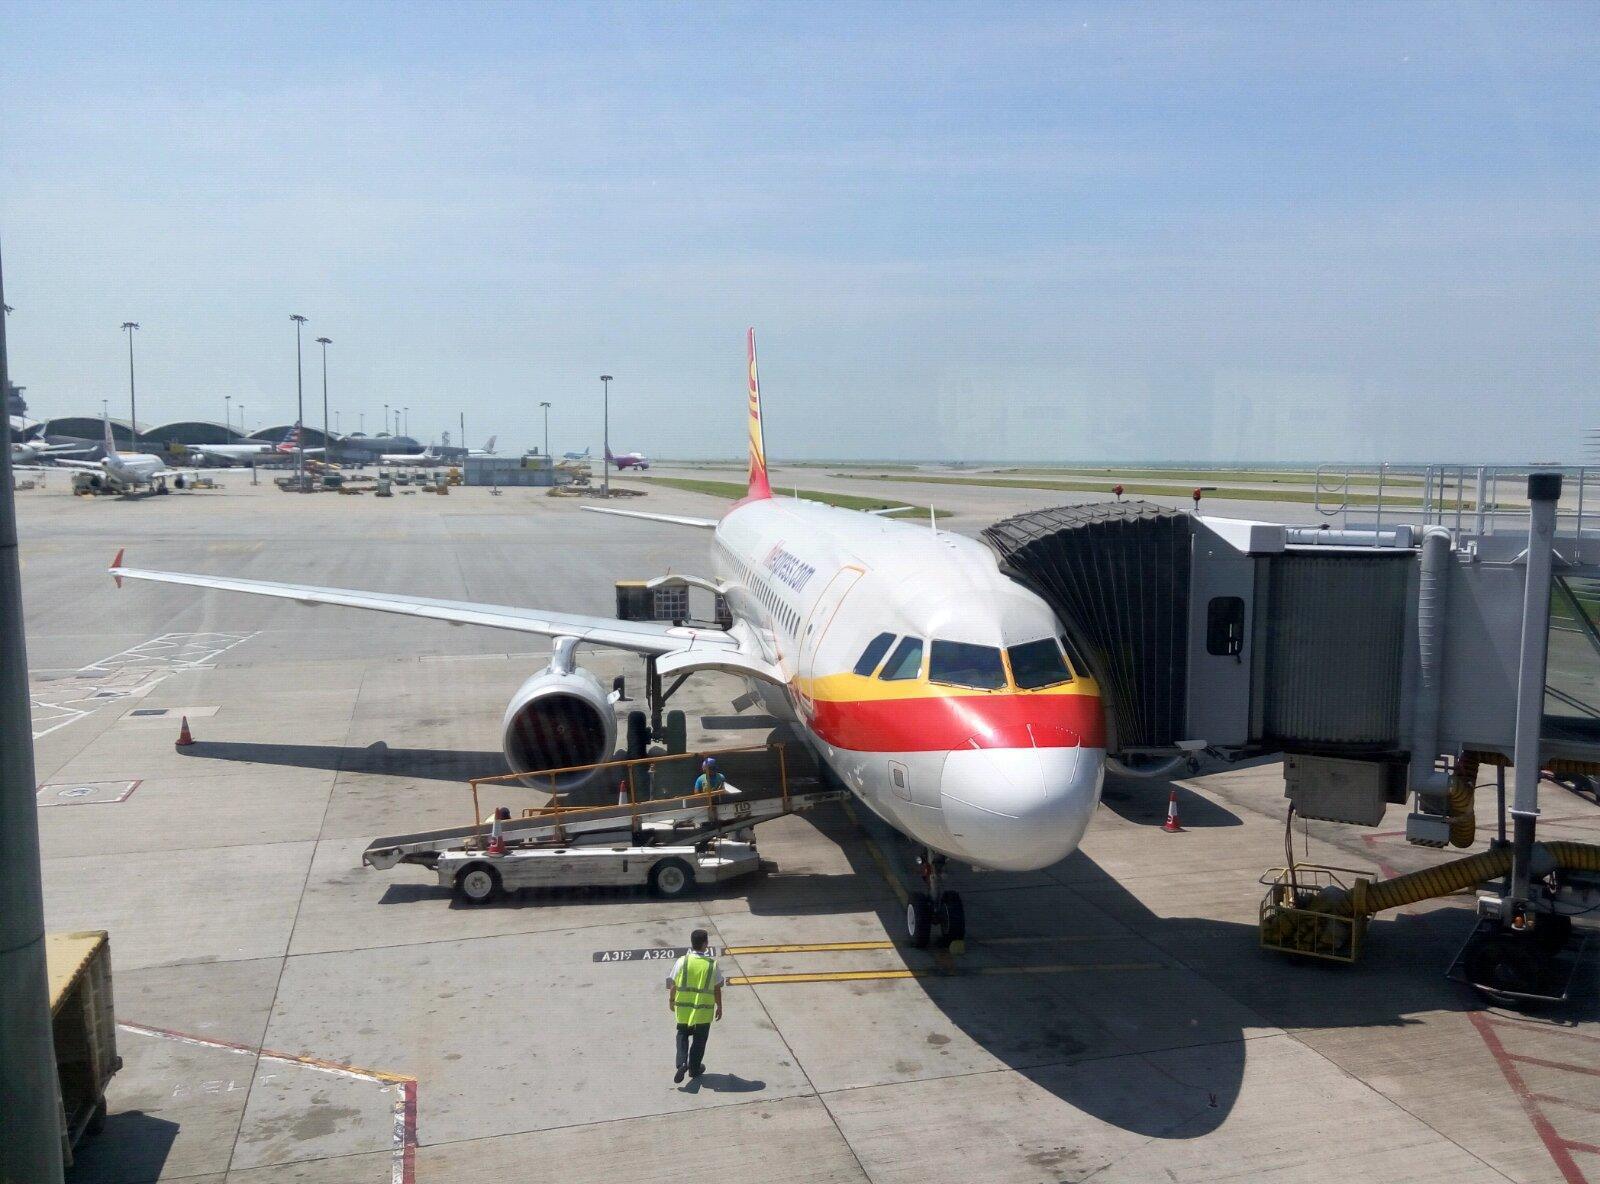 滴椰肉就好似  蛋白 甘 滑溜溜   香港国际机场 19:00 落飞机  拿行李